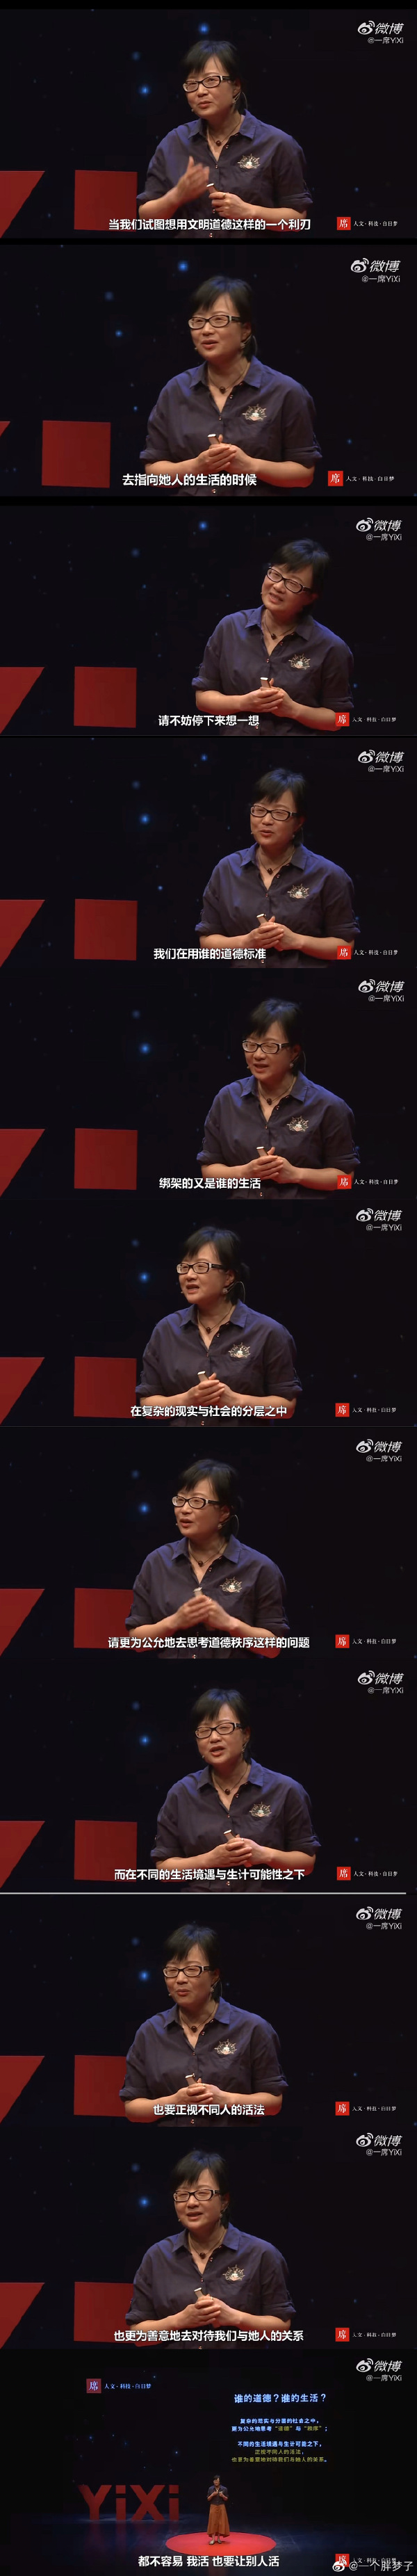 一席黄盈盈演讲:小姐研究二十年-小姐-『游乐宫』Youlegong.com 第3张